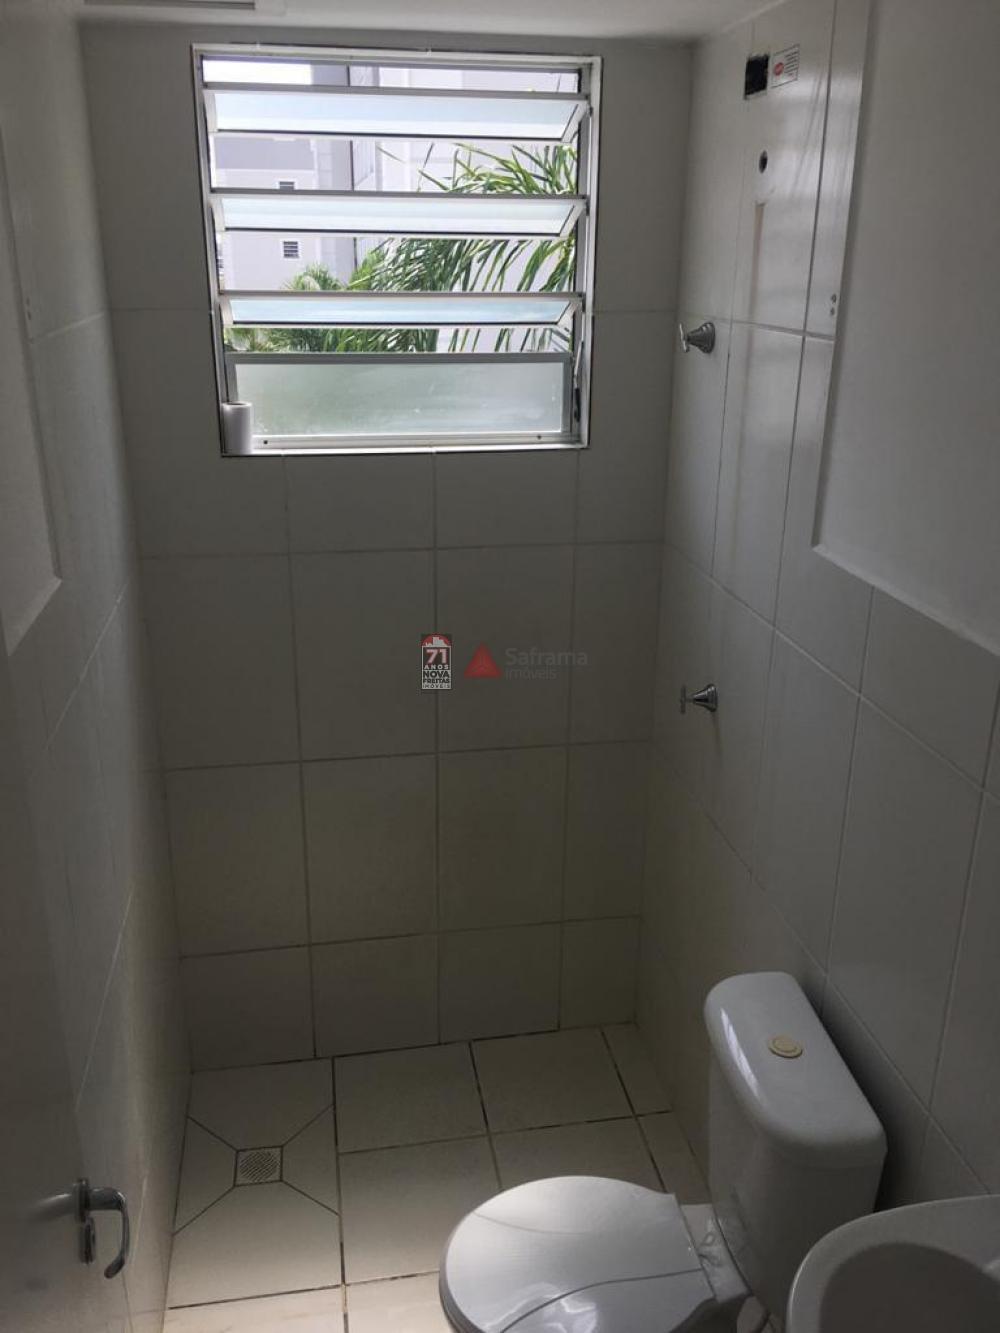 Alugar Apartamento / Padrão em Jacareí apenas R$ 1.100,00 - Foto 9